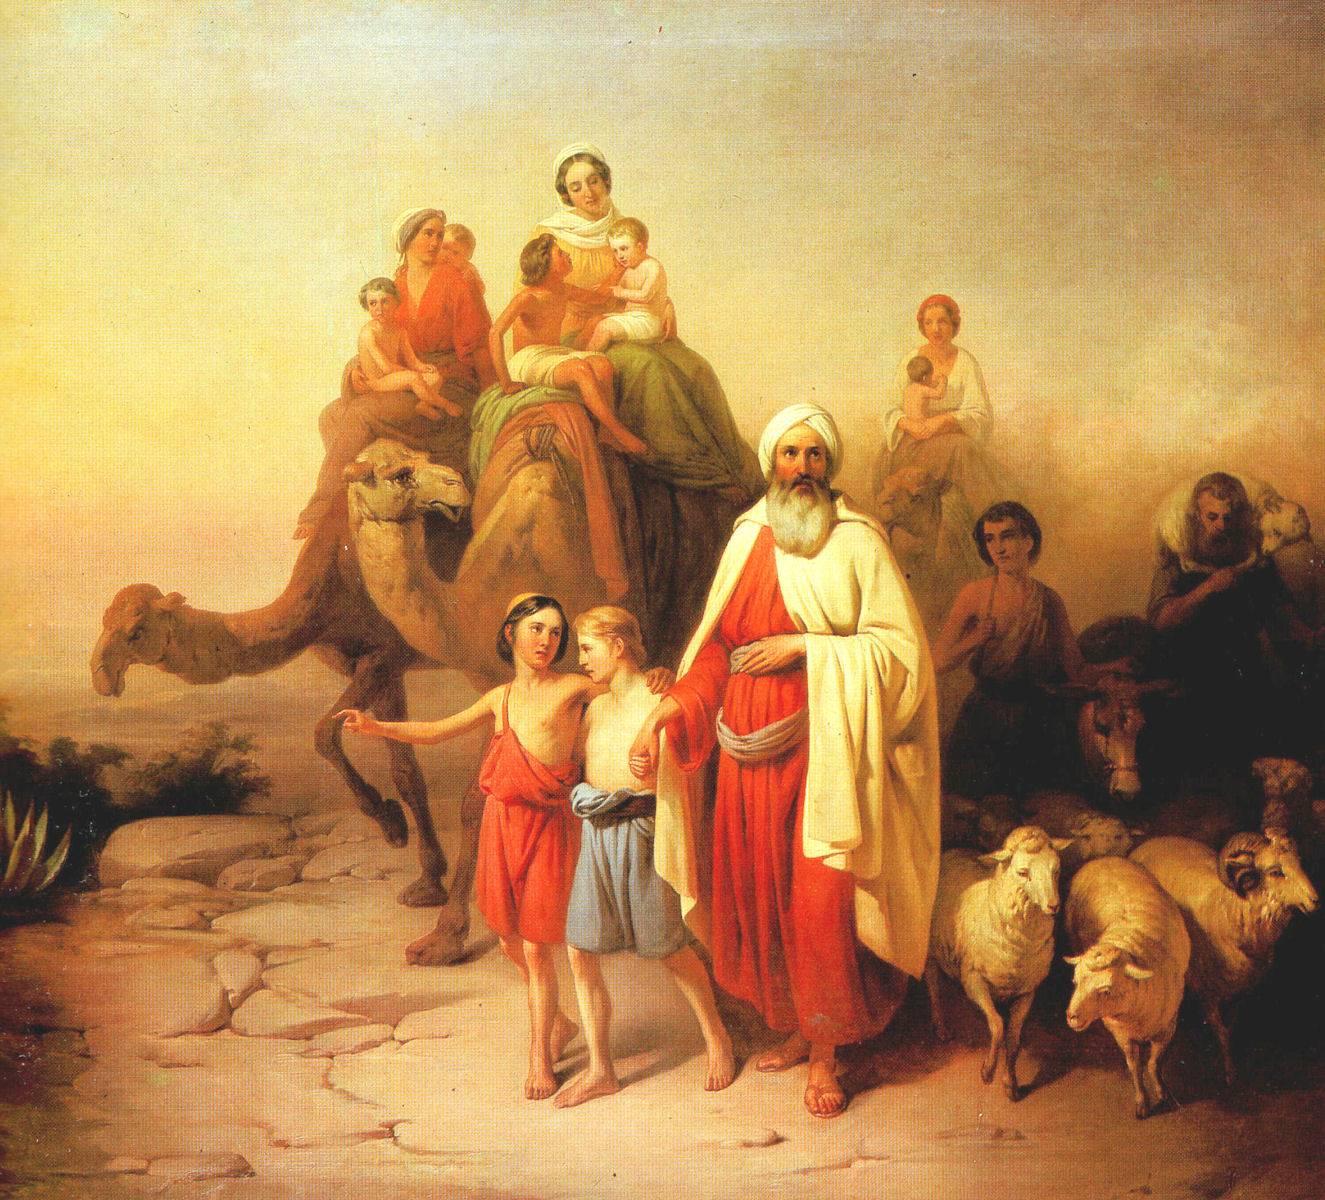 Hébreux pendant l'antiquité